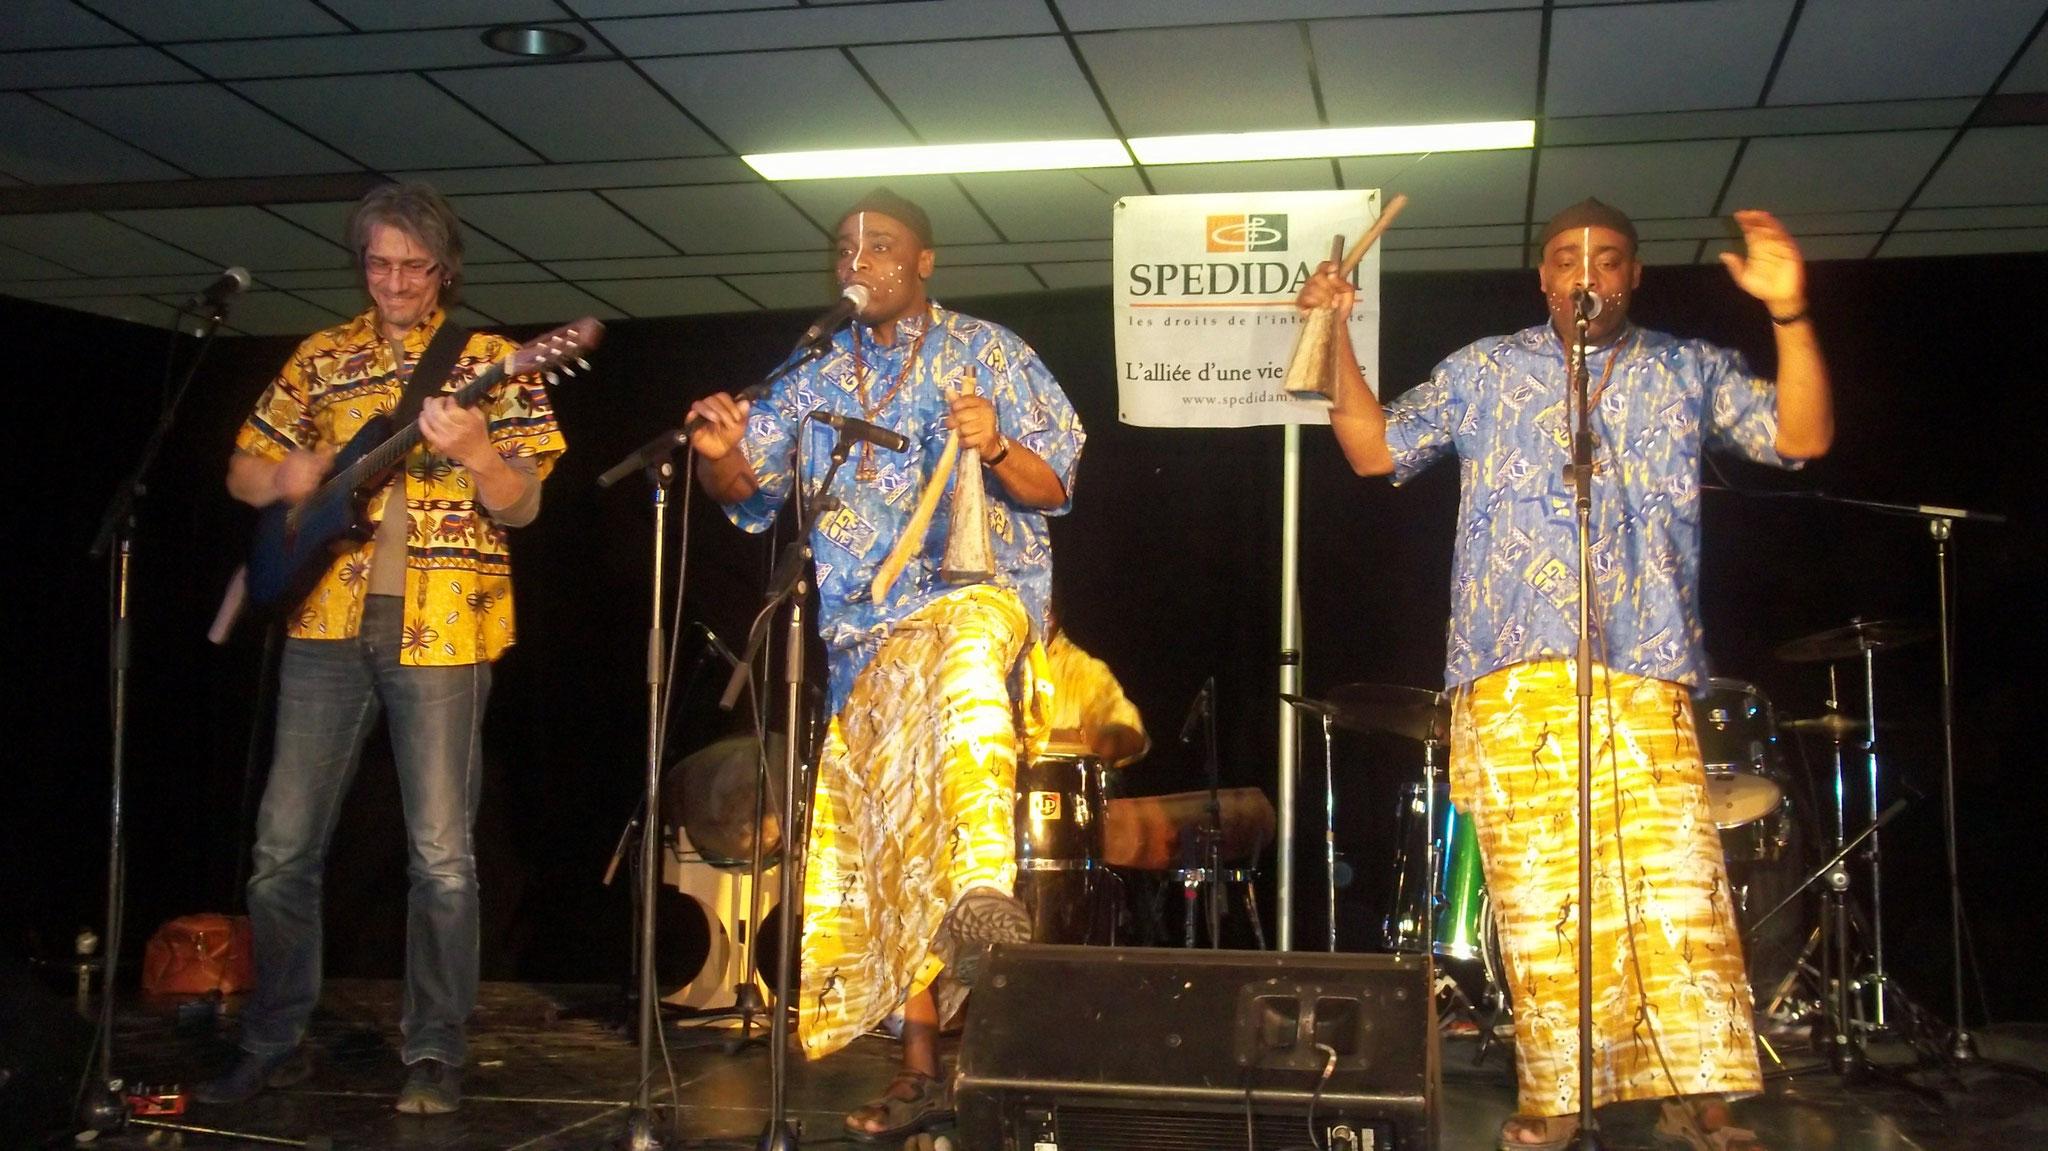 Les Jumeaux de MASAO (Masao Masu) live in Montreal